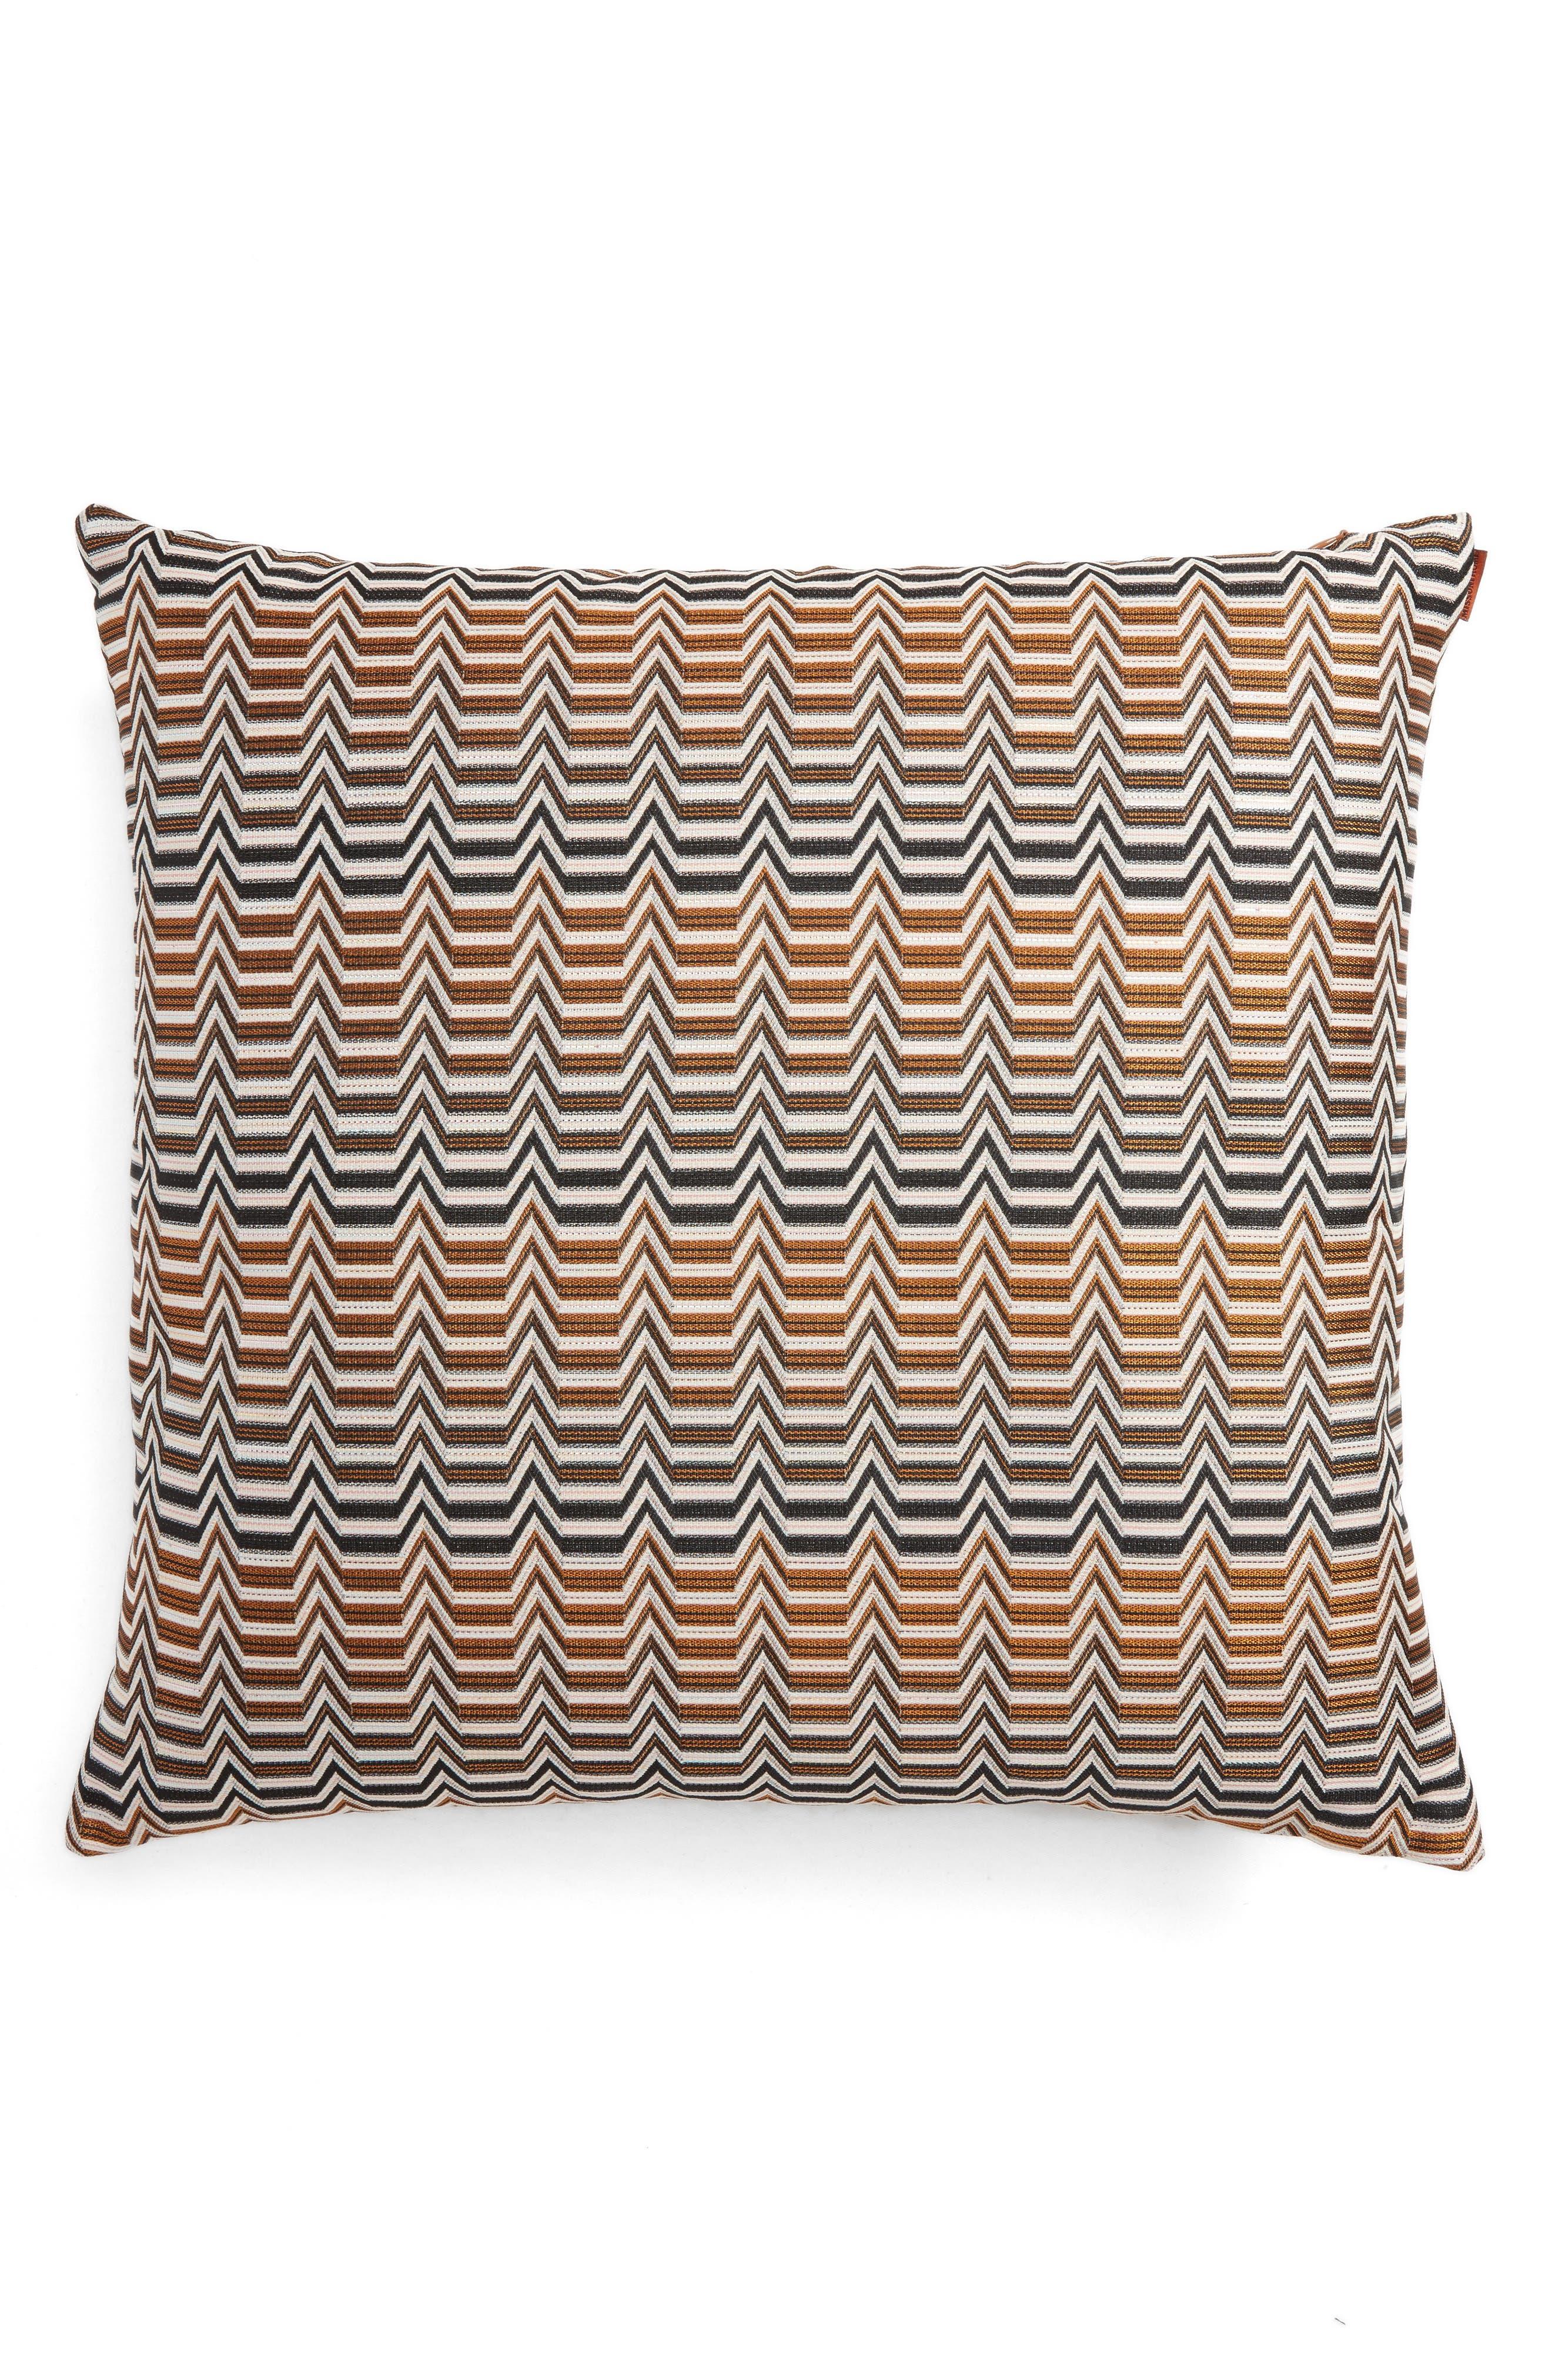 Santa Fe Seattle Accent Pillow,                             Alternate thumbnail 2, color,                             250